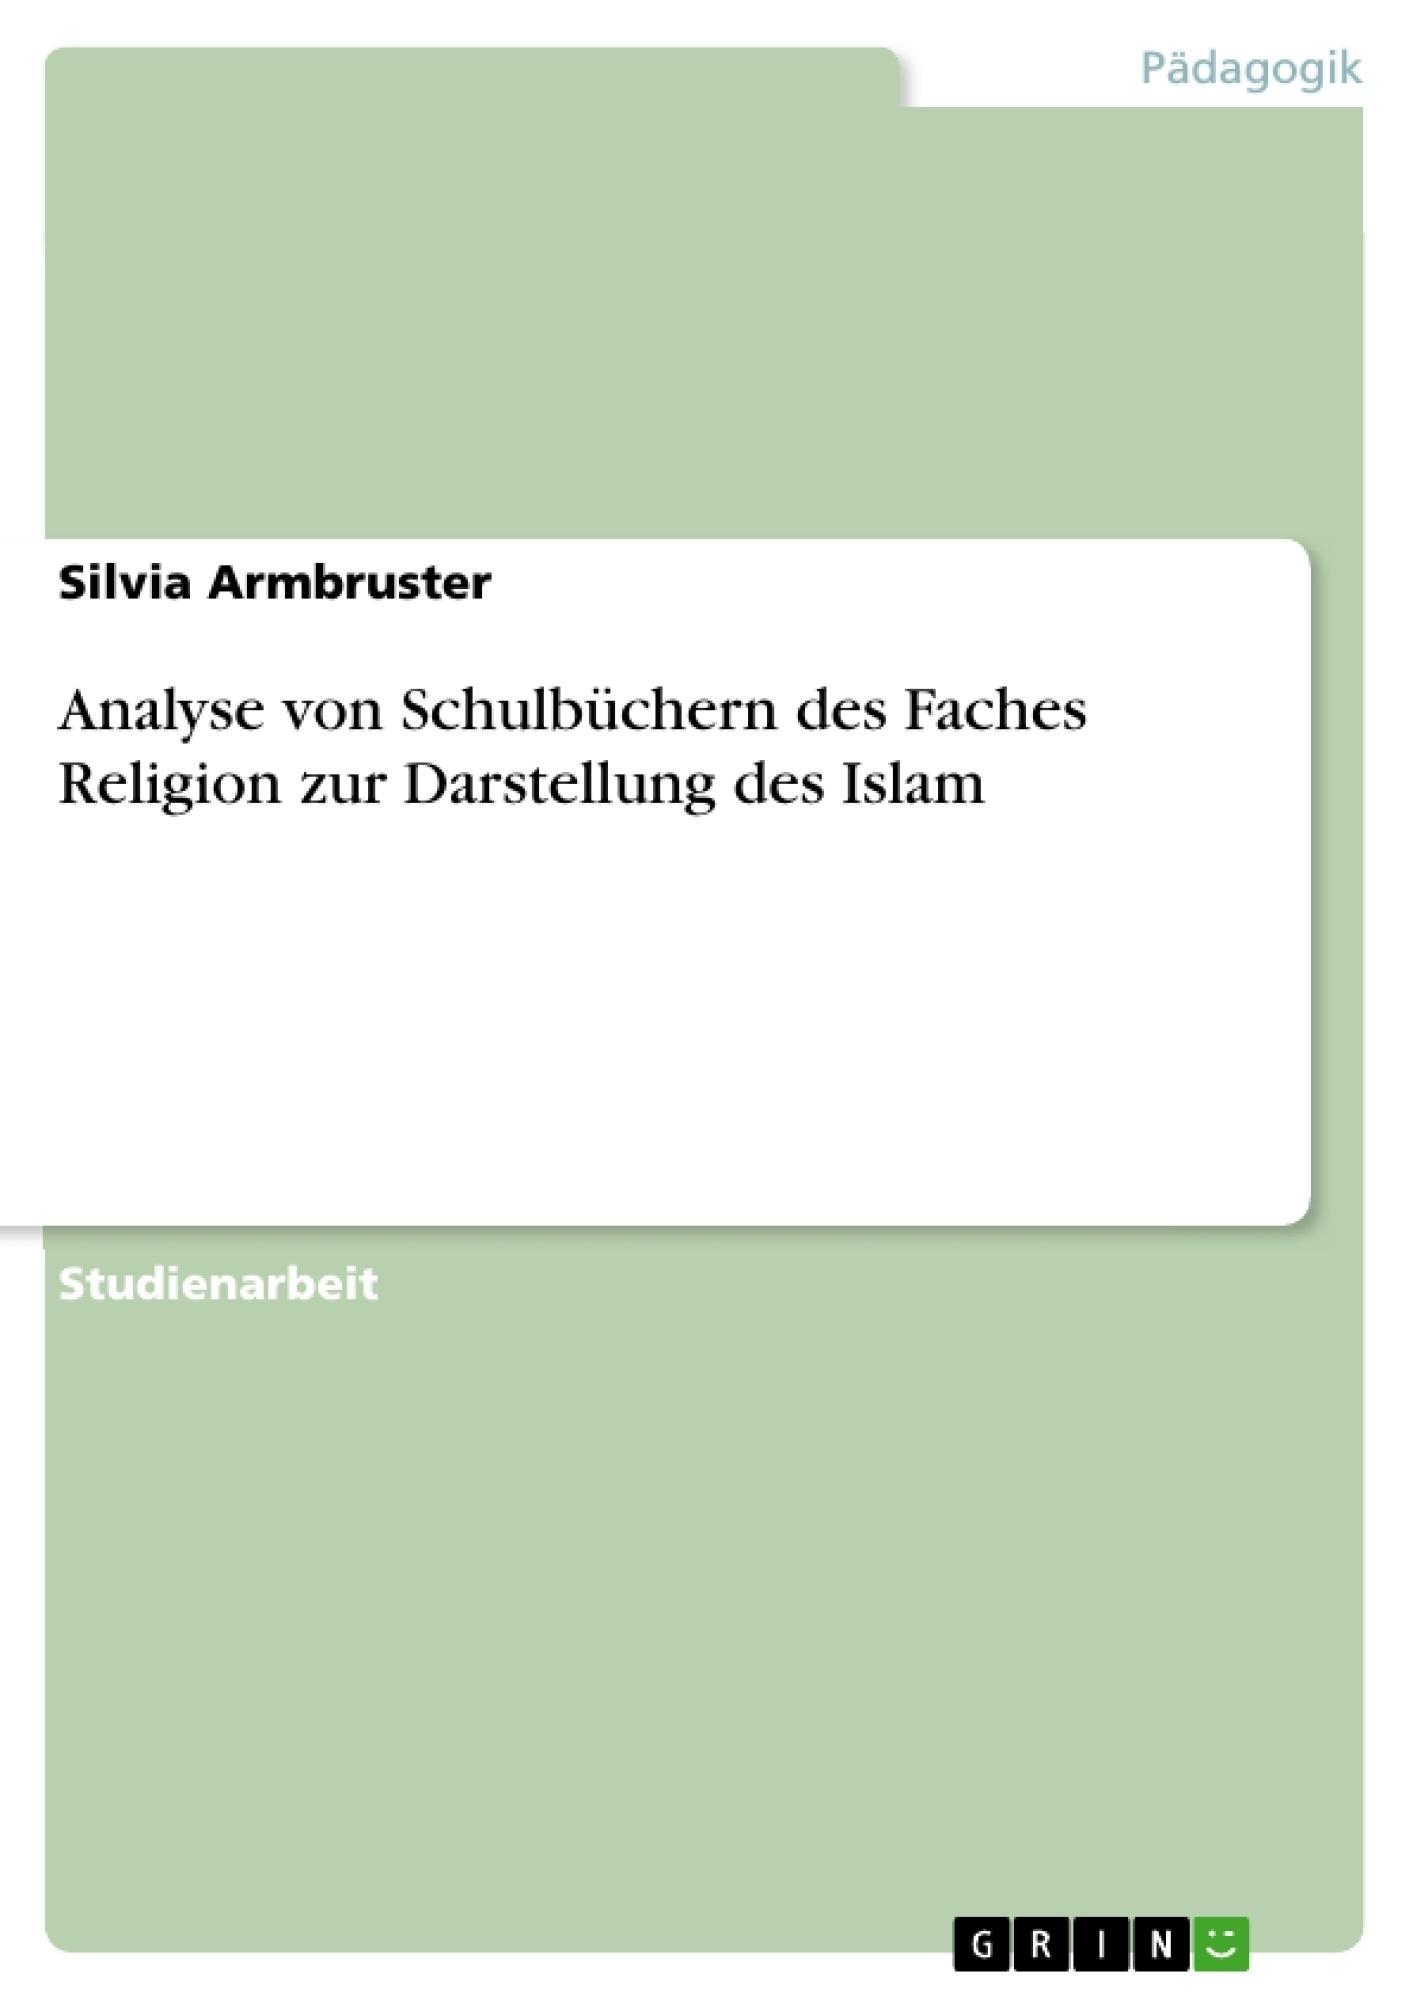 Titel: Analyse von Schulbüchern des Faches Religion zur Darstellung des Islam